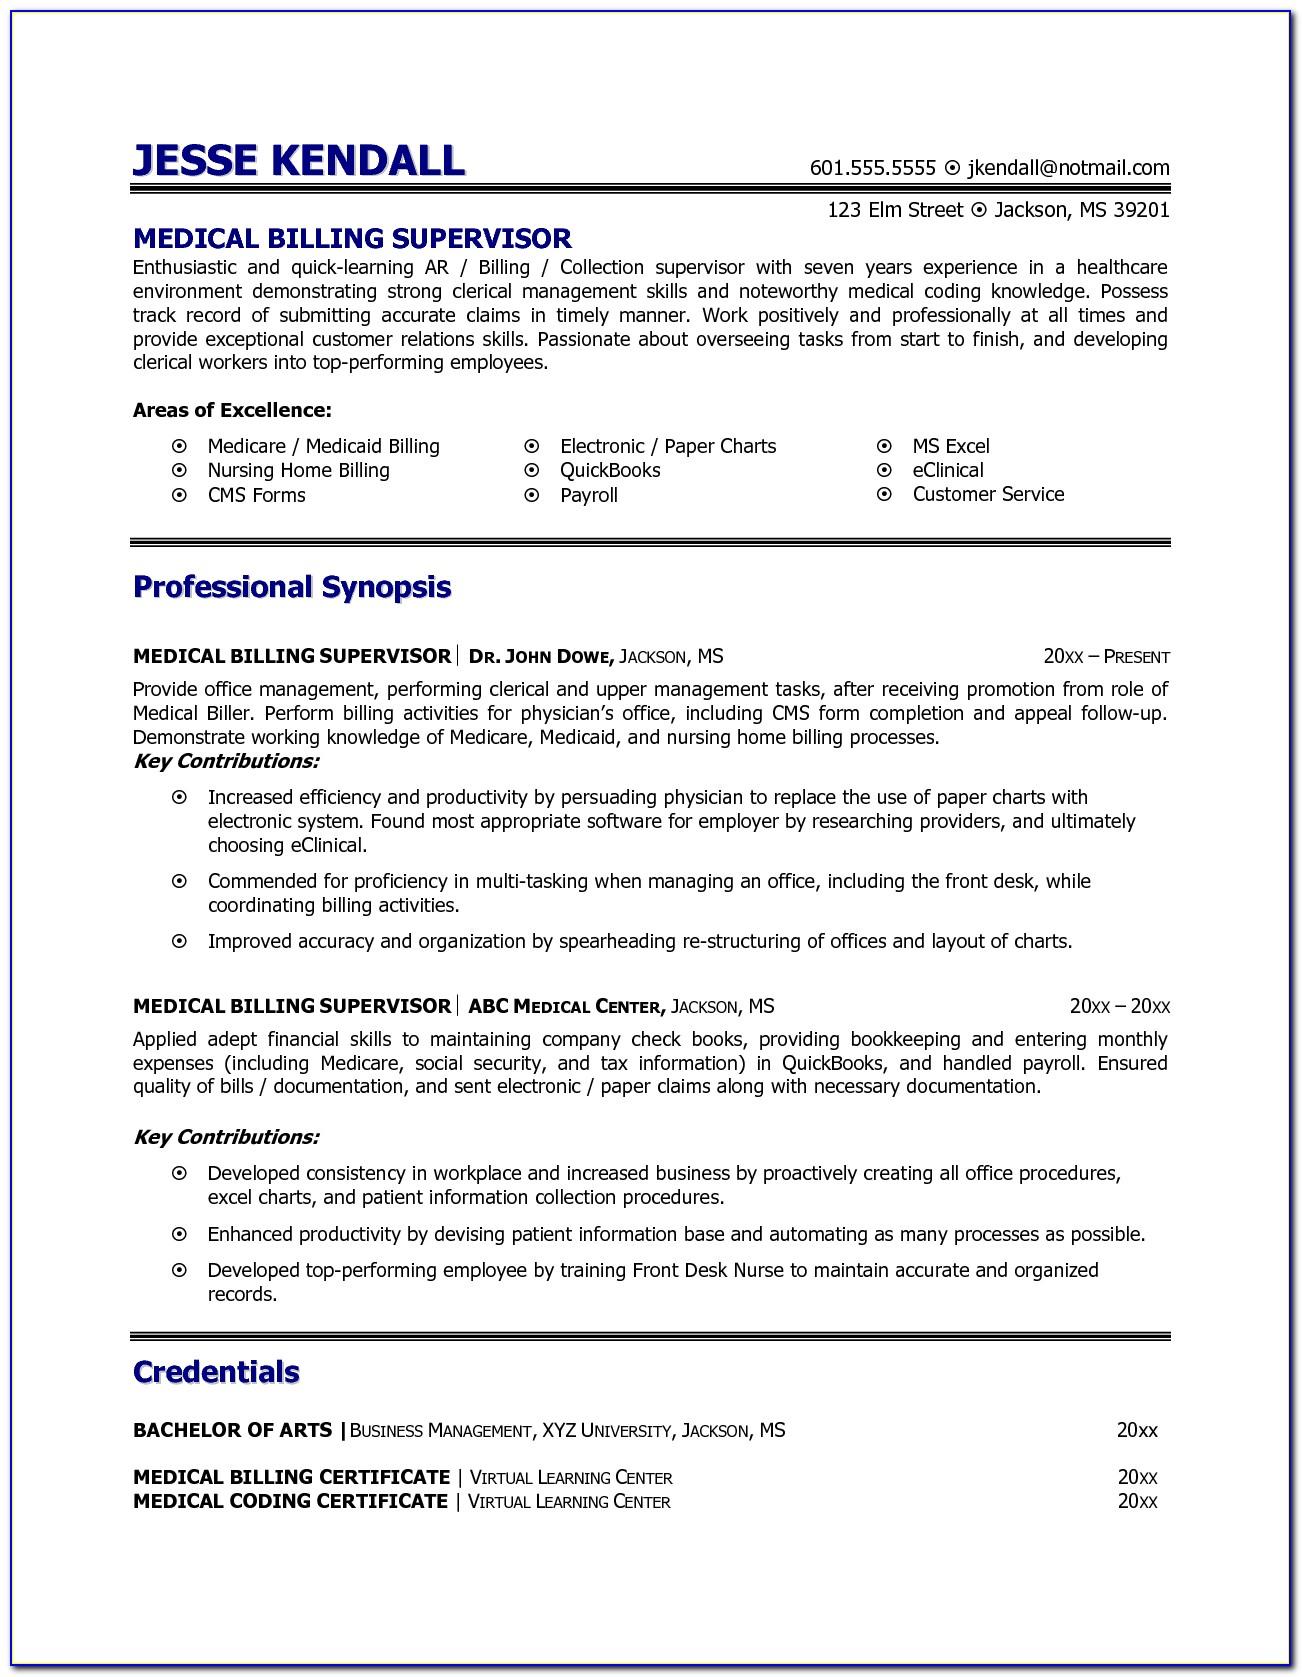 Resume For Medical Biller And Coder